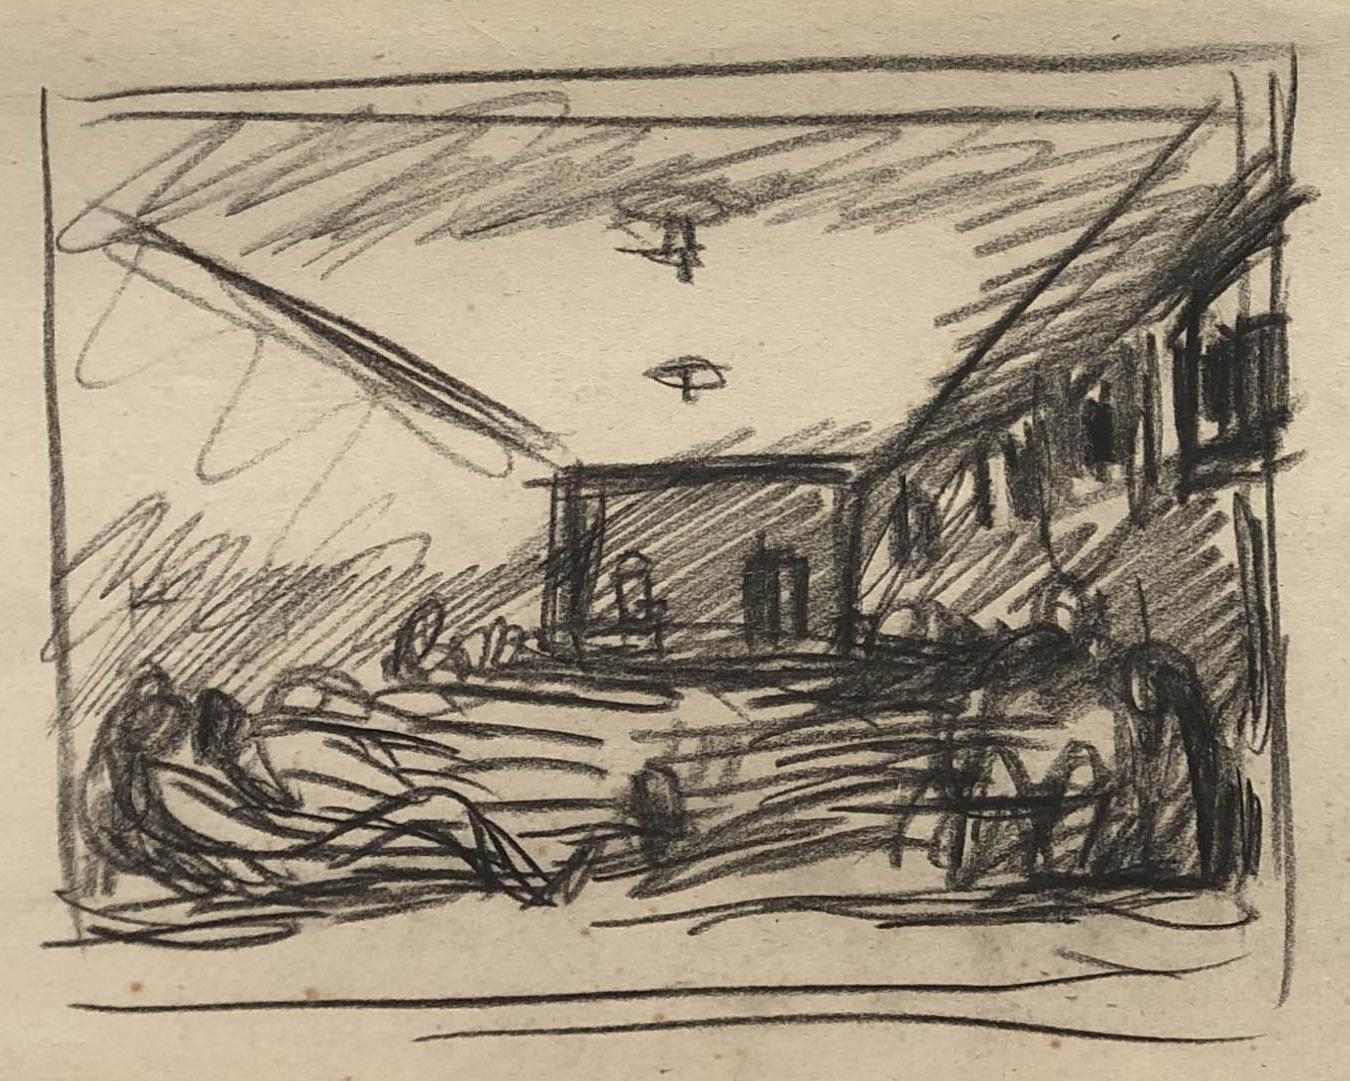 Rysunek ołówkiem. Przedstawia leżących więźniów wwieloosobowej celi więzienia wCharkowie. Adam Kossowski, praca stworzona wLondynie w1943 roku.